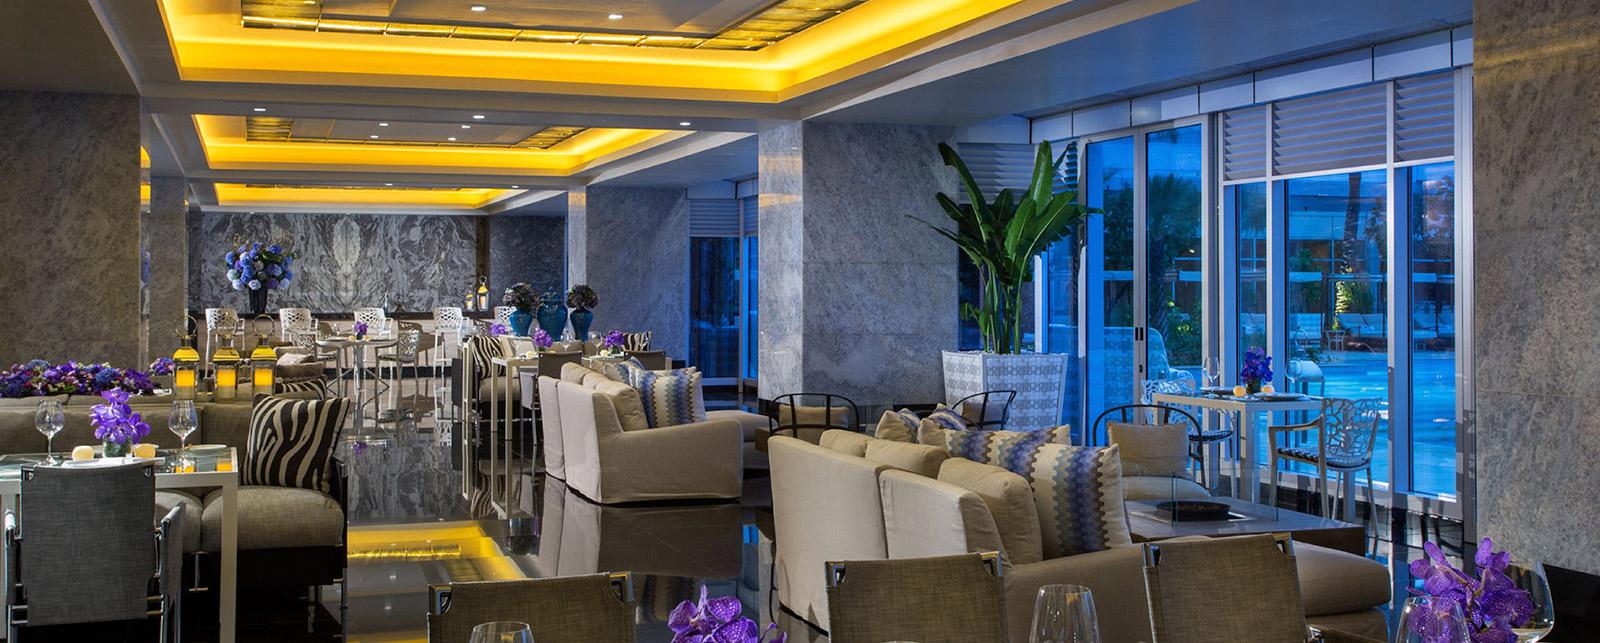 bleu8_hotel_mulia_jakarta_19.jpg